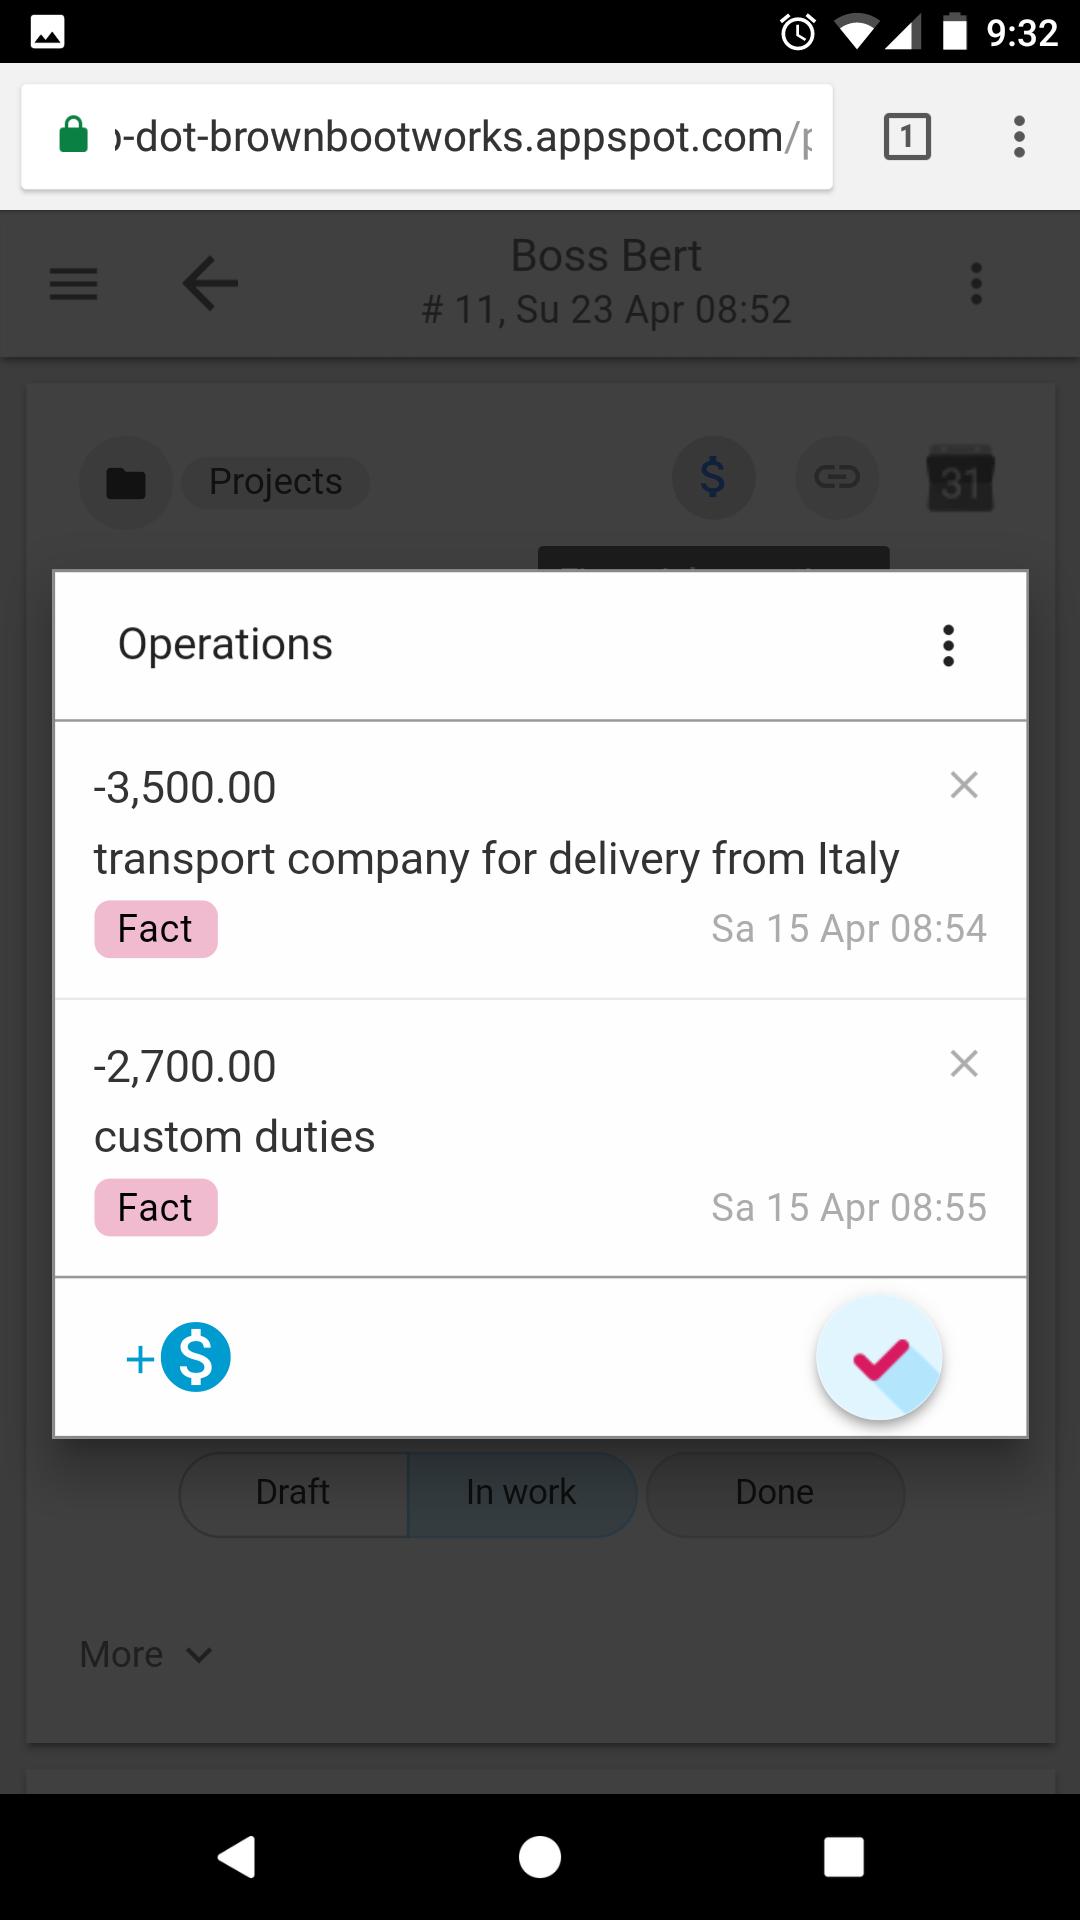 Операции, введённые Руководителем — доставка, таможня, зарплата сотрудников